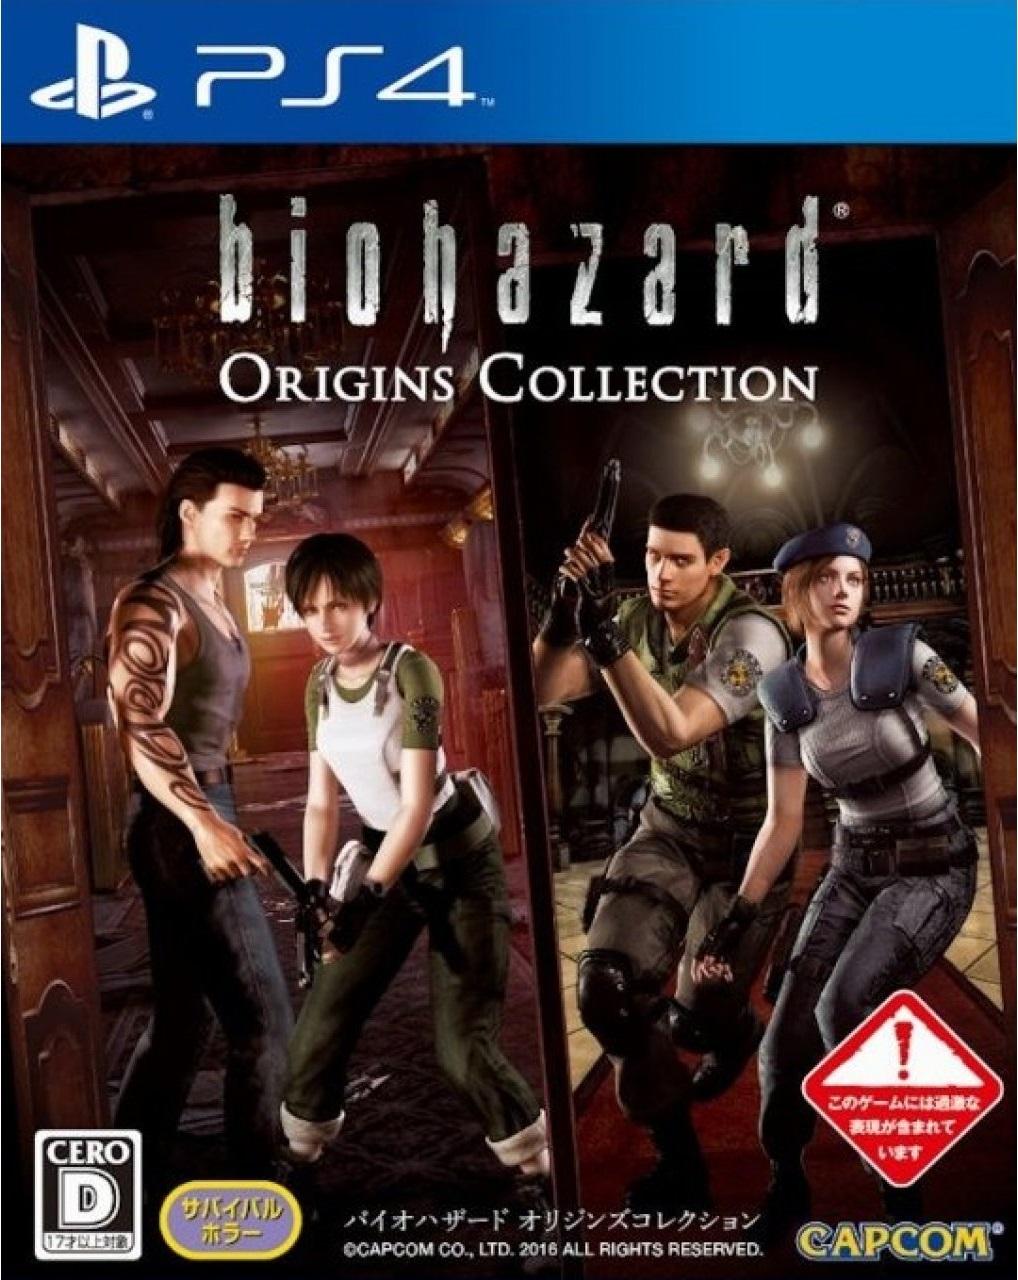 Fichier:Biohazard-origins-collection-ps4.jpg